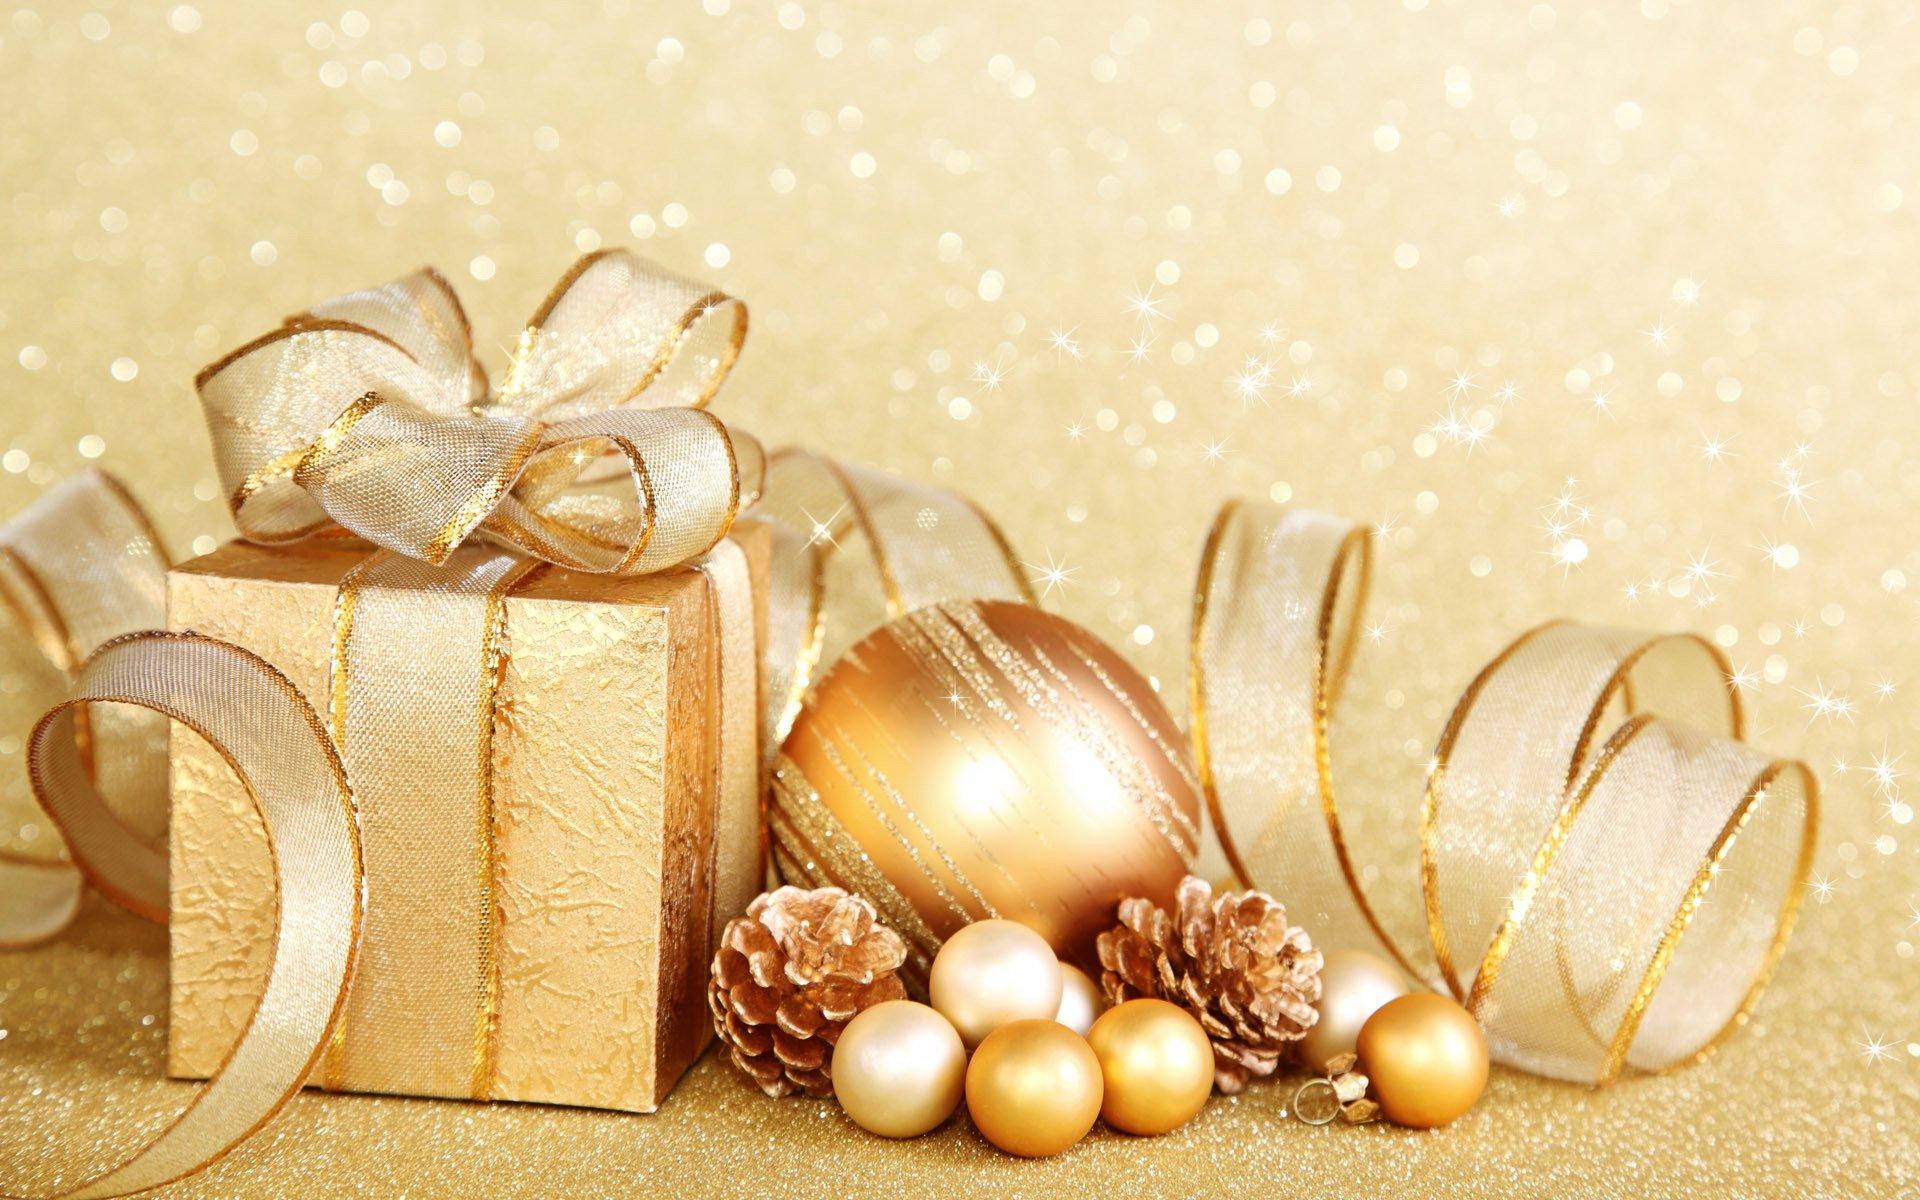 этот стиль открытки для новогодних подарков сочетание